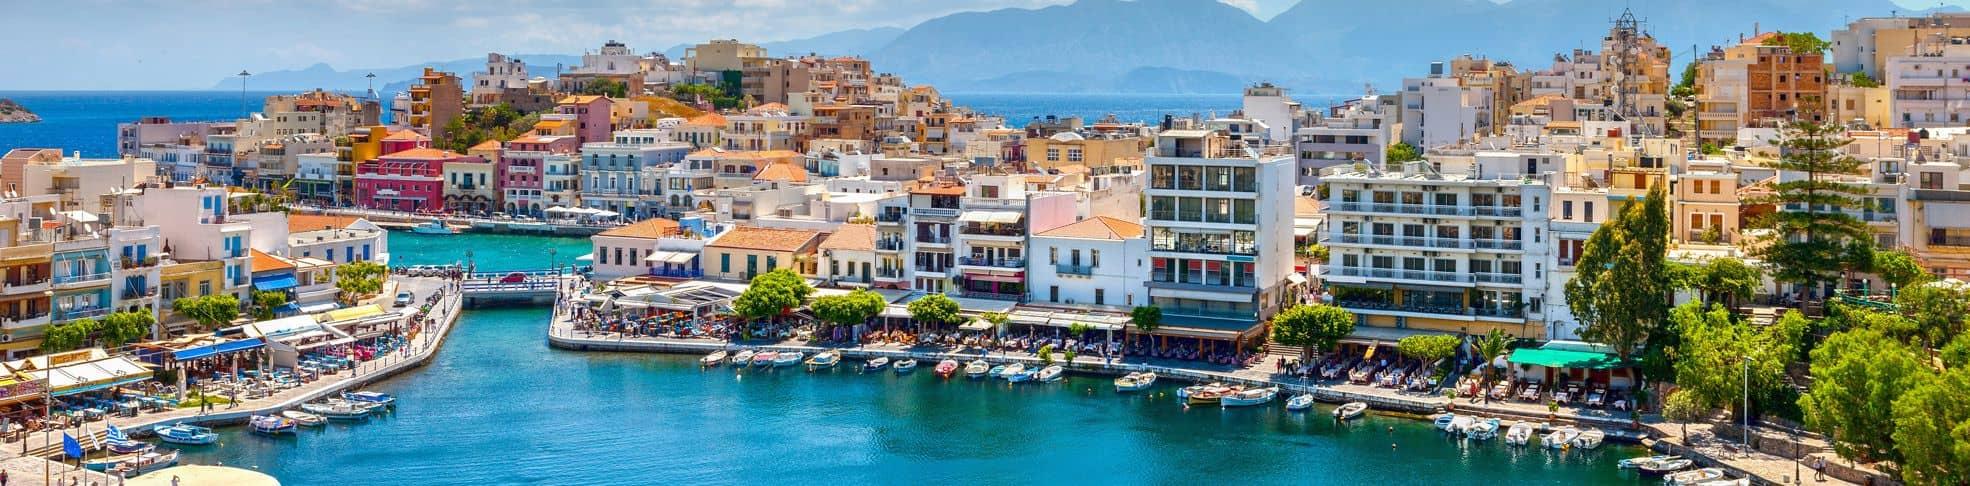 Aghios gay greece nikolaos